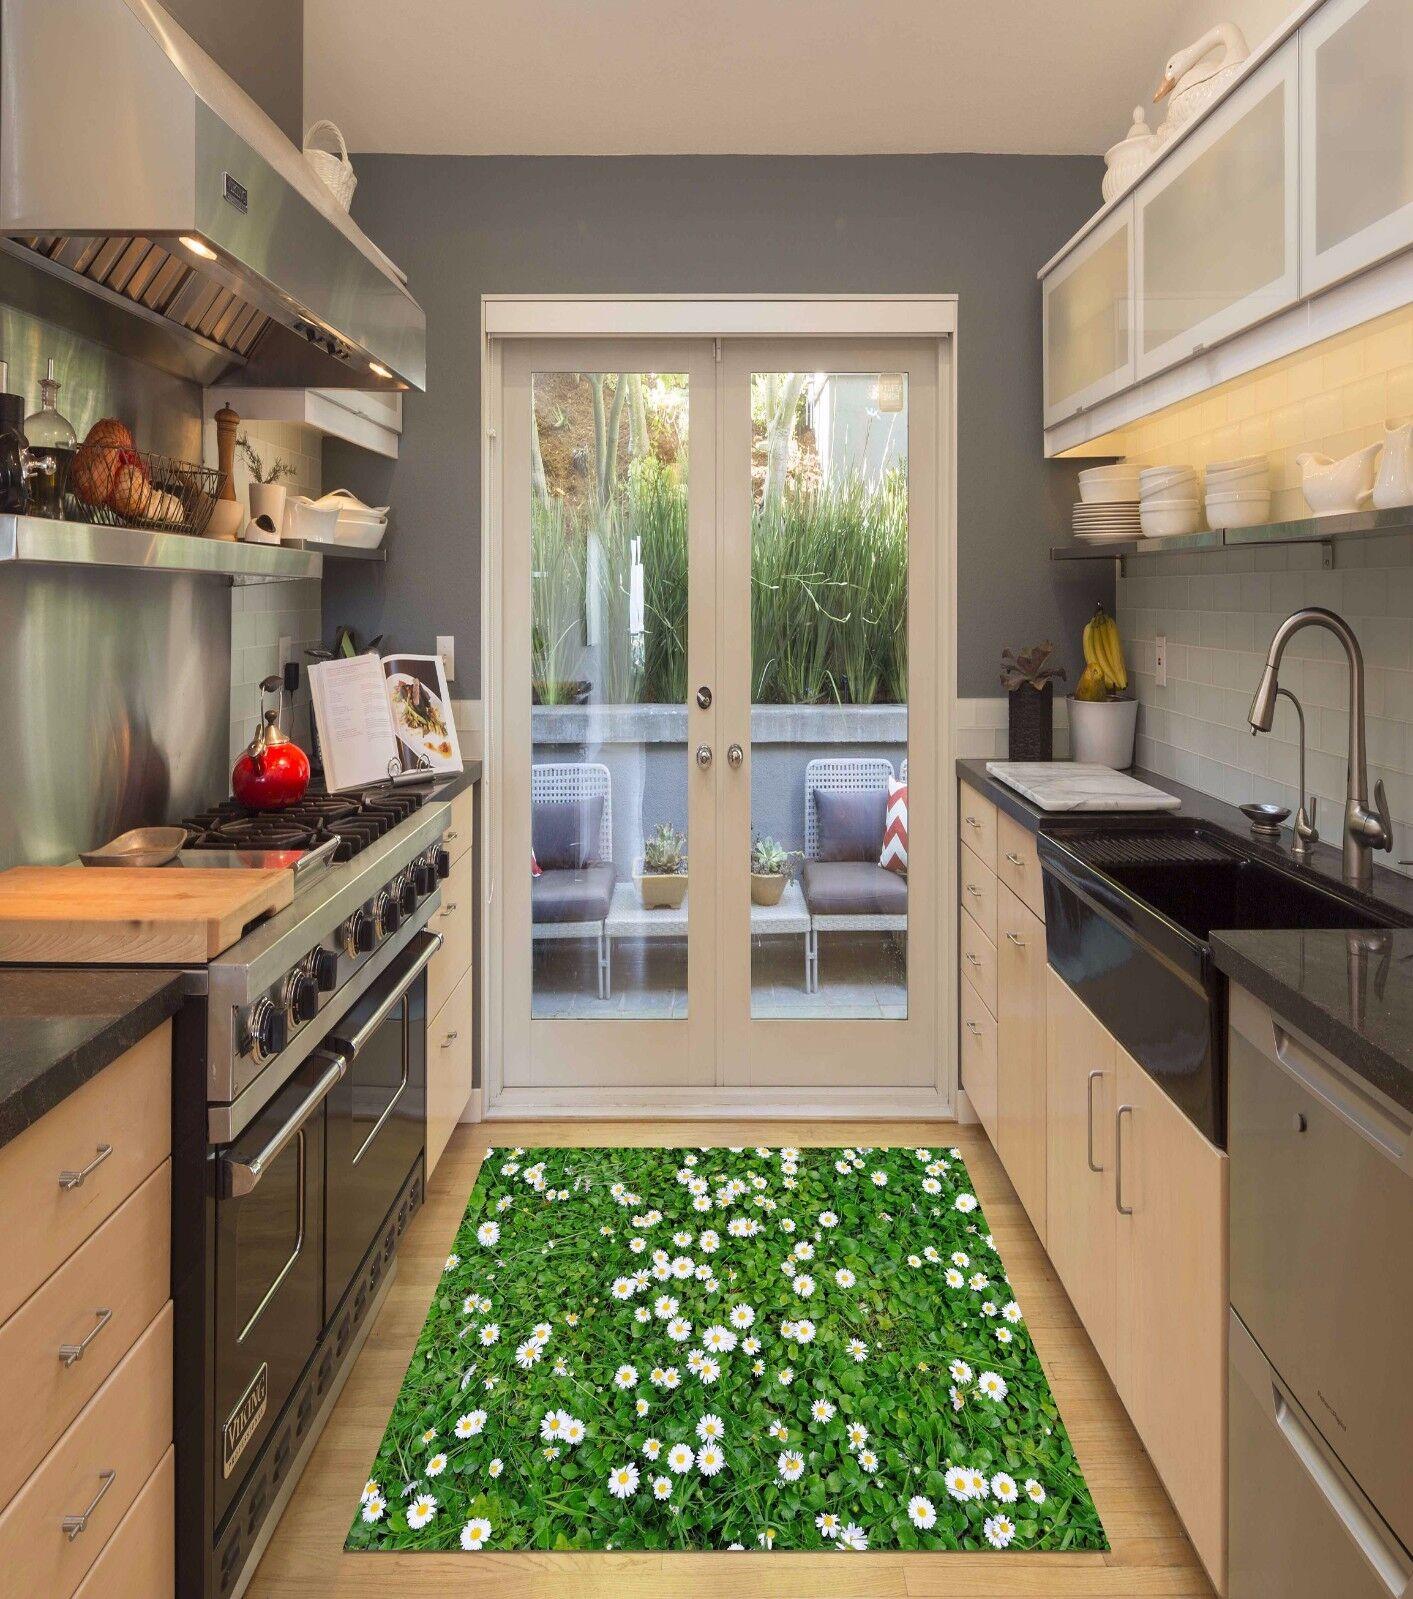 3D Grass Flowers Kitchen Mat Floor Murals Wall Print Wall Deco AJ WALLPAPER AU